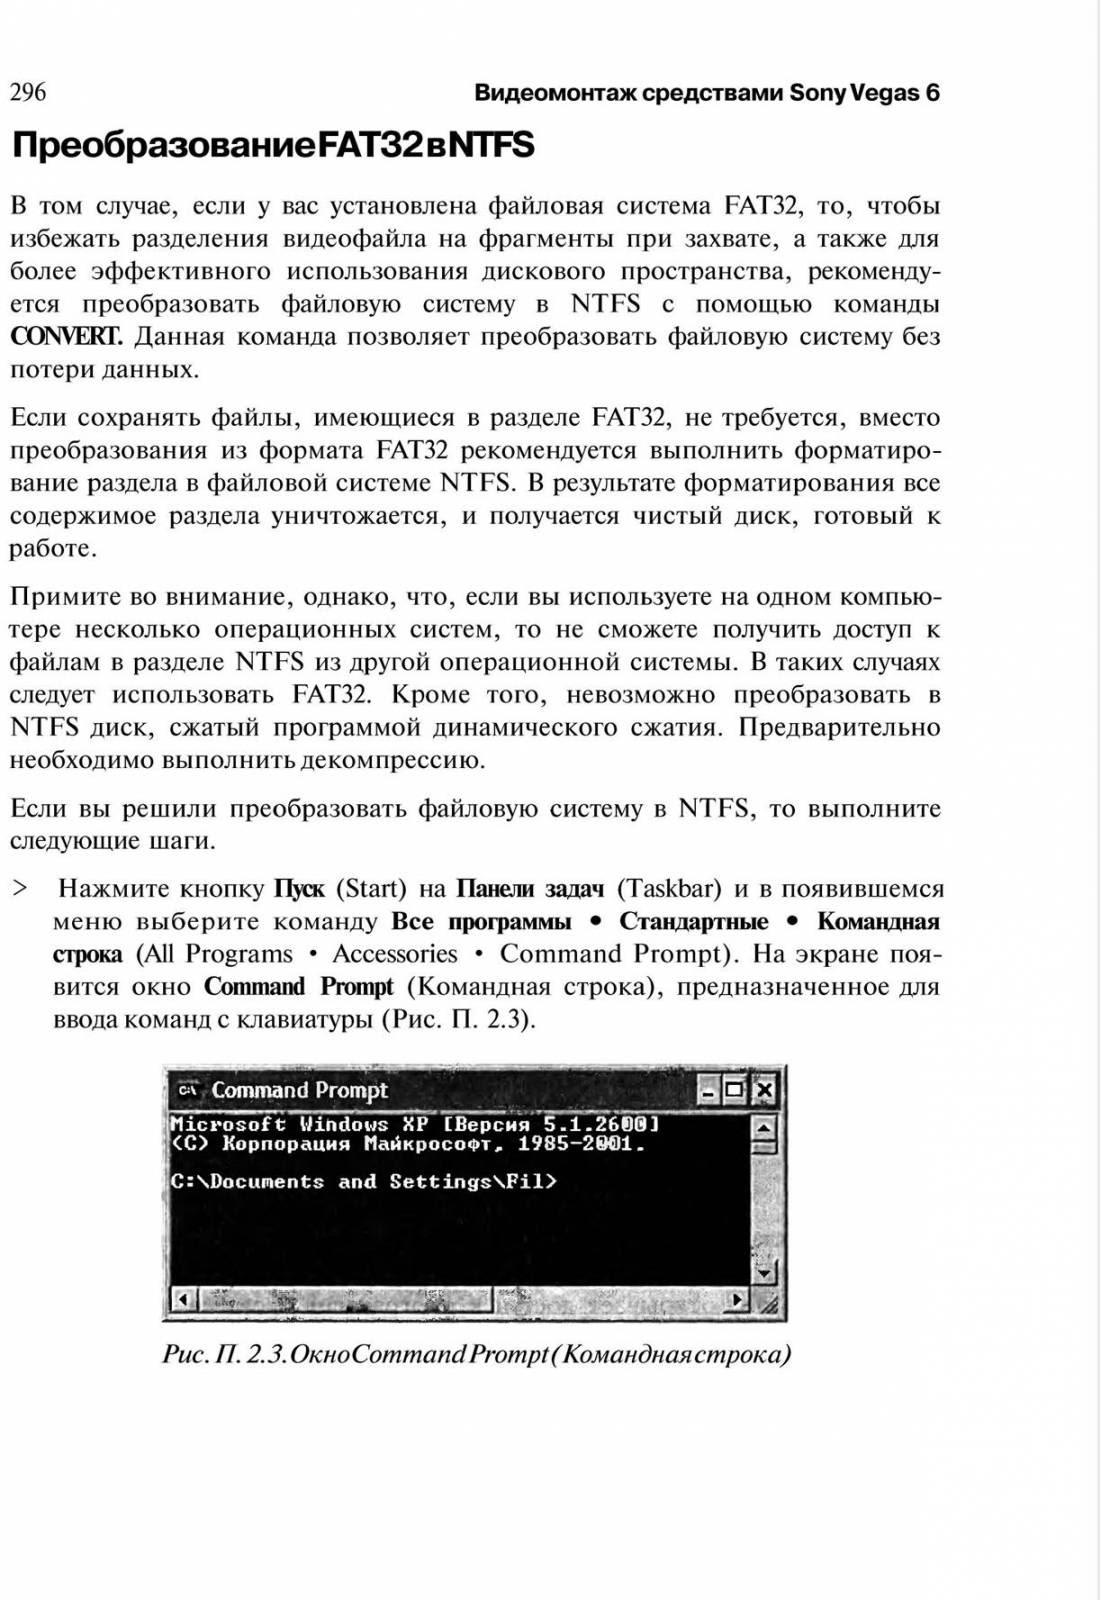 http://redaktori-uroki.3dn.ru/_ph/14/351245152.jpg